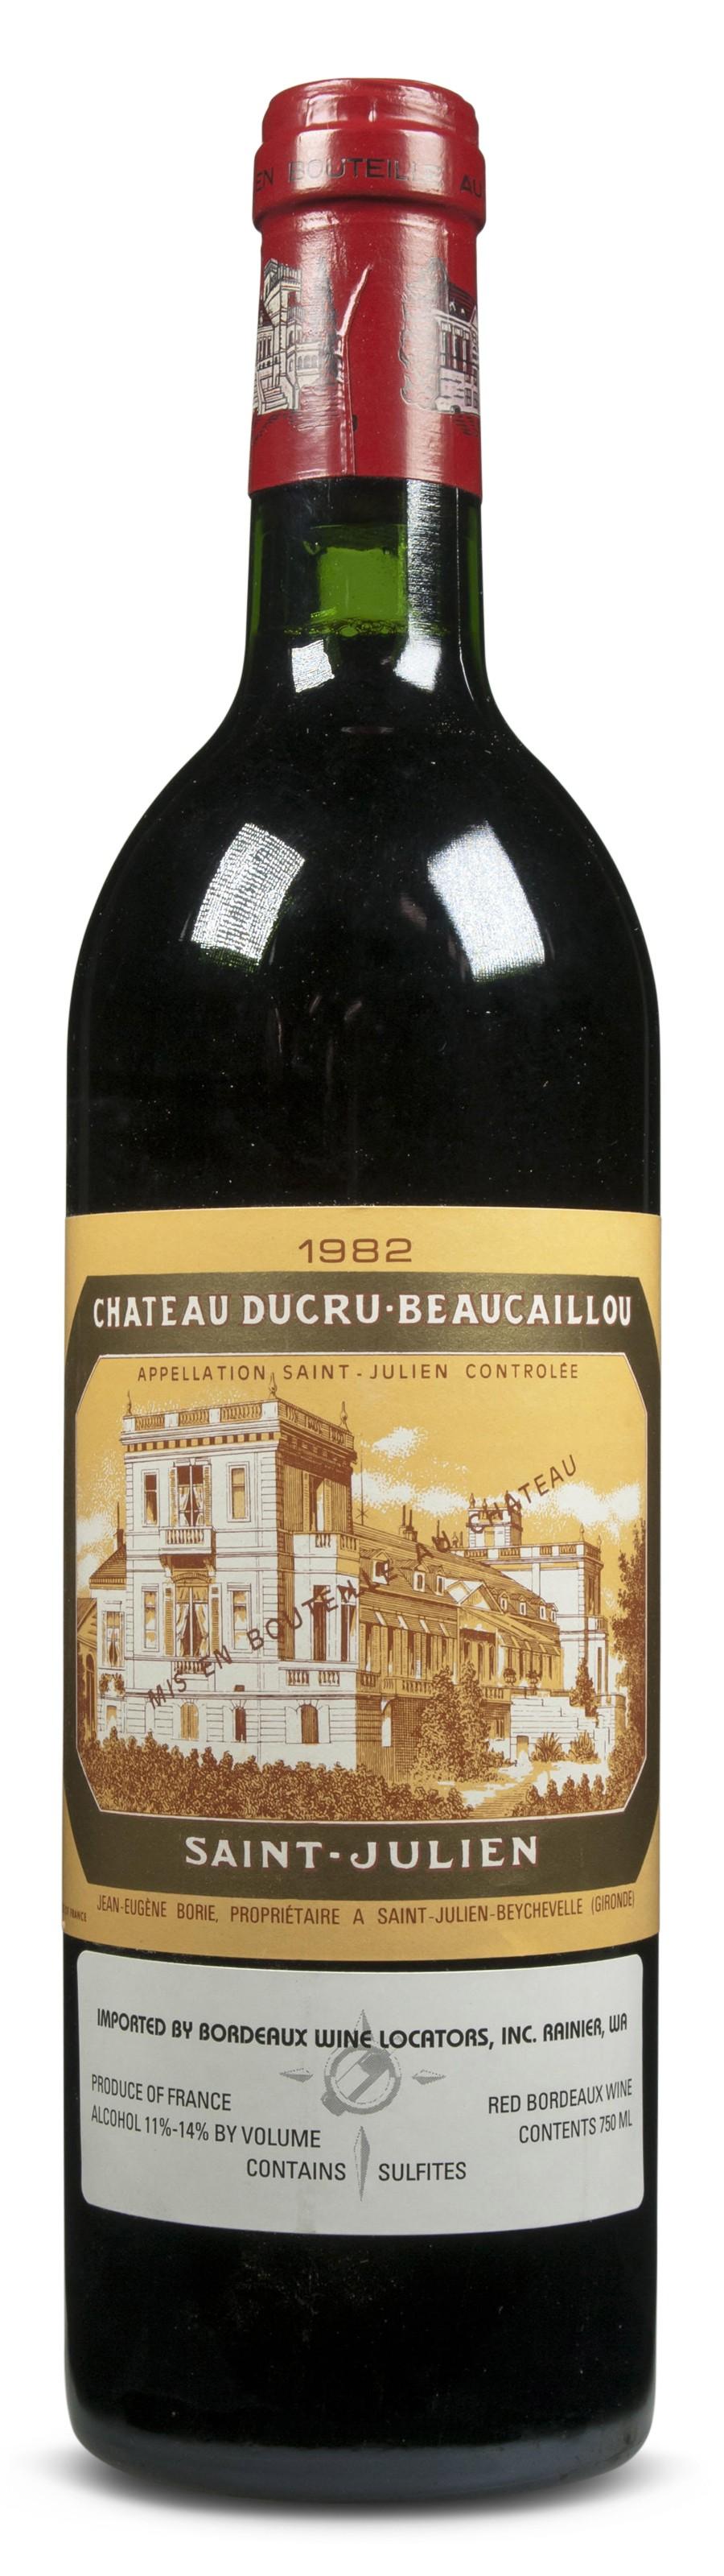 Château Ducru-Beaucaillo